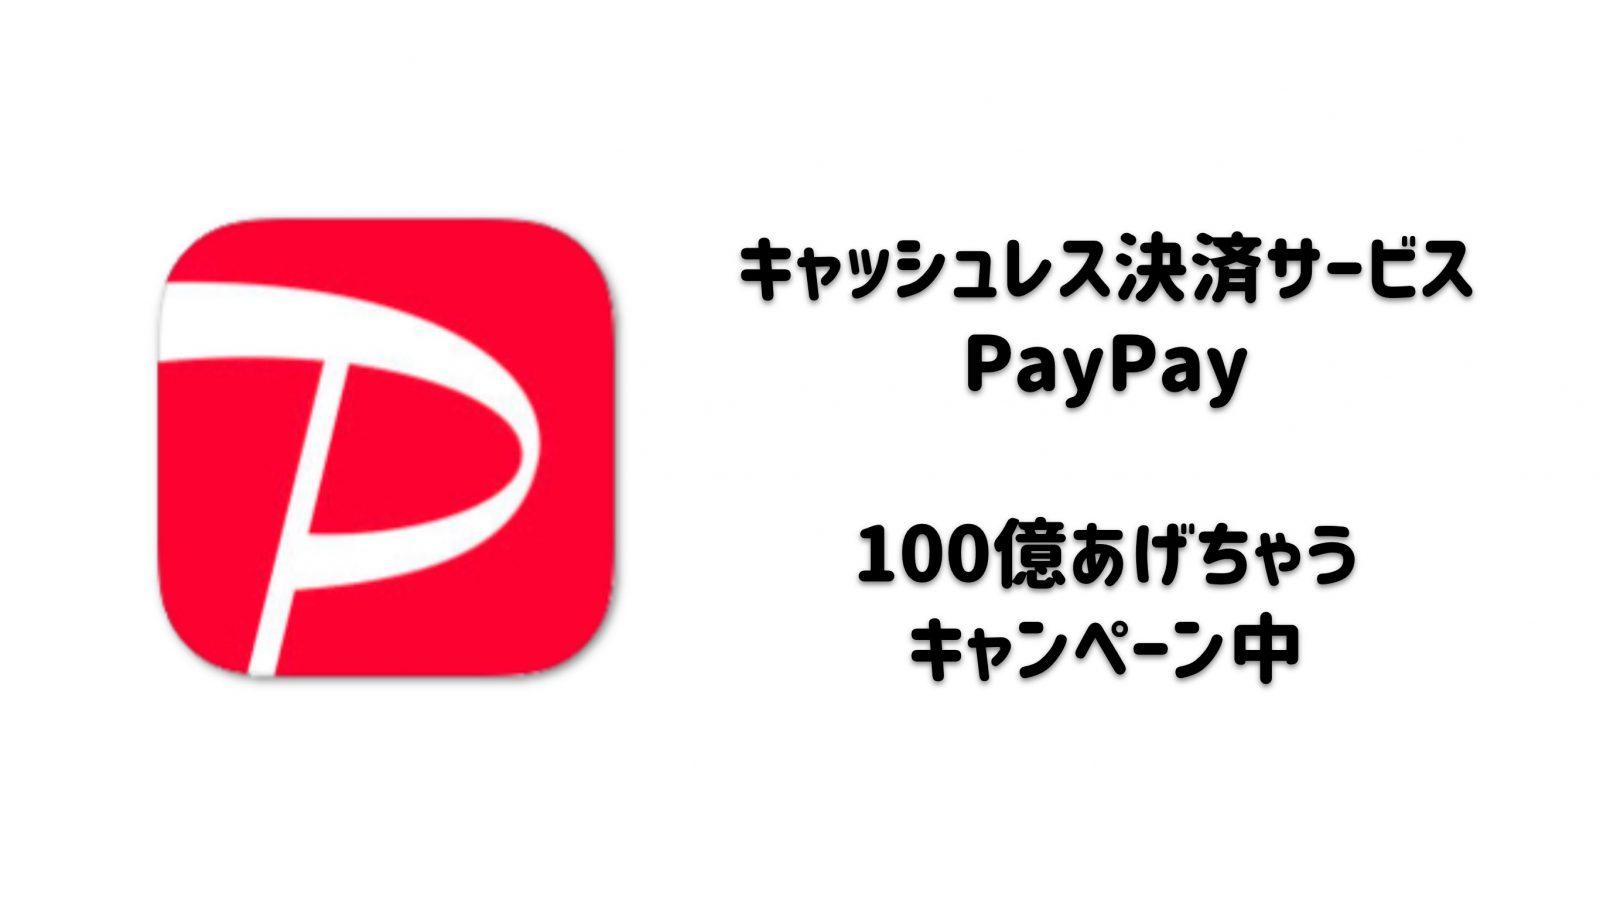 【期間限定】キャッシュレス決済アプリPayPayをダウンロードしたら500円ゲットした話